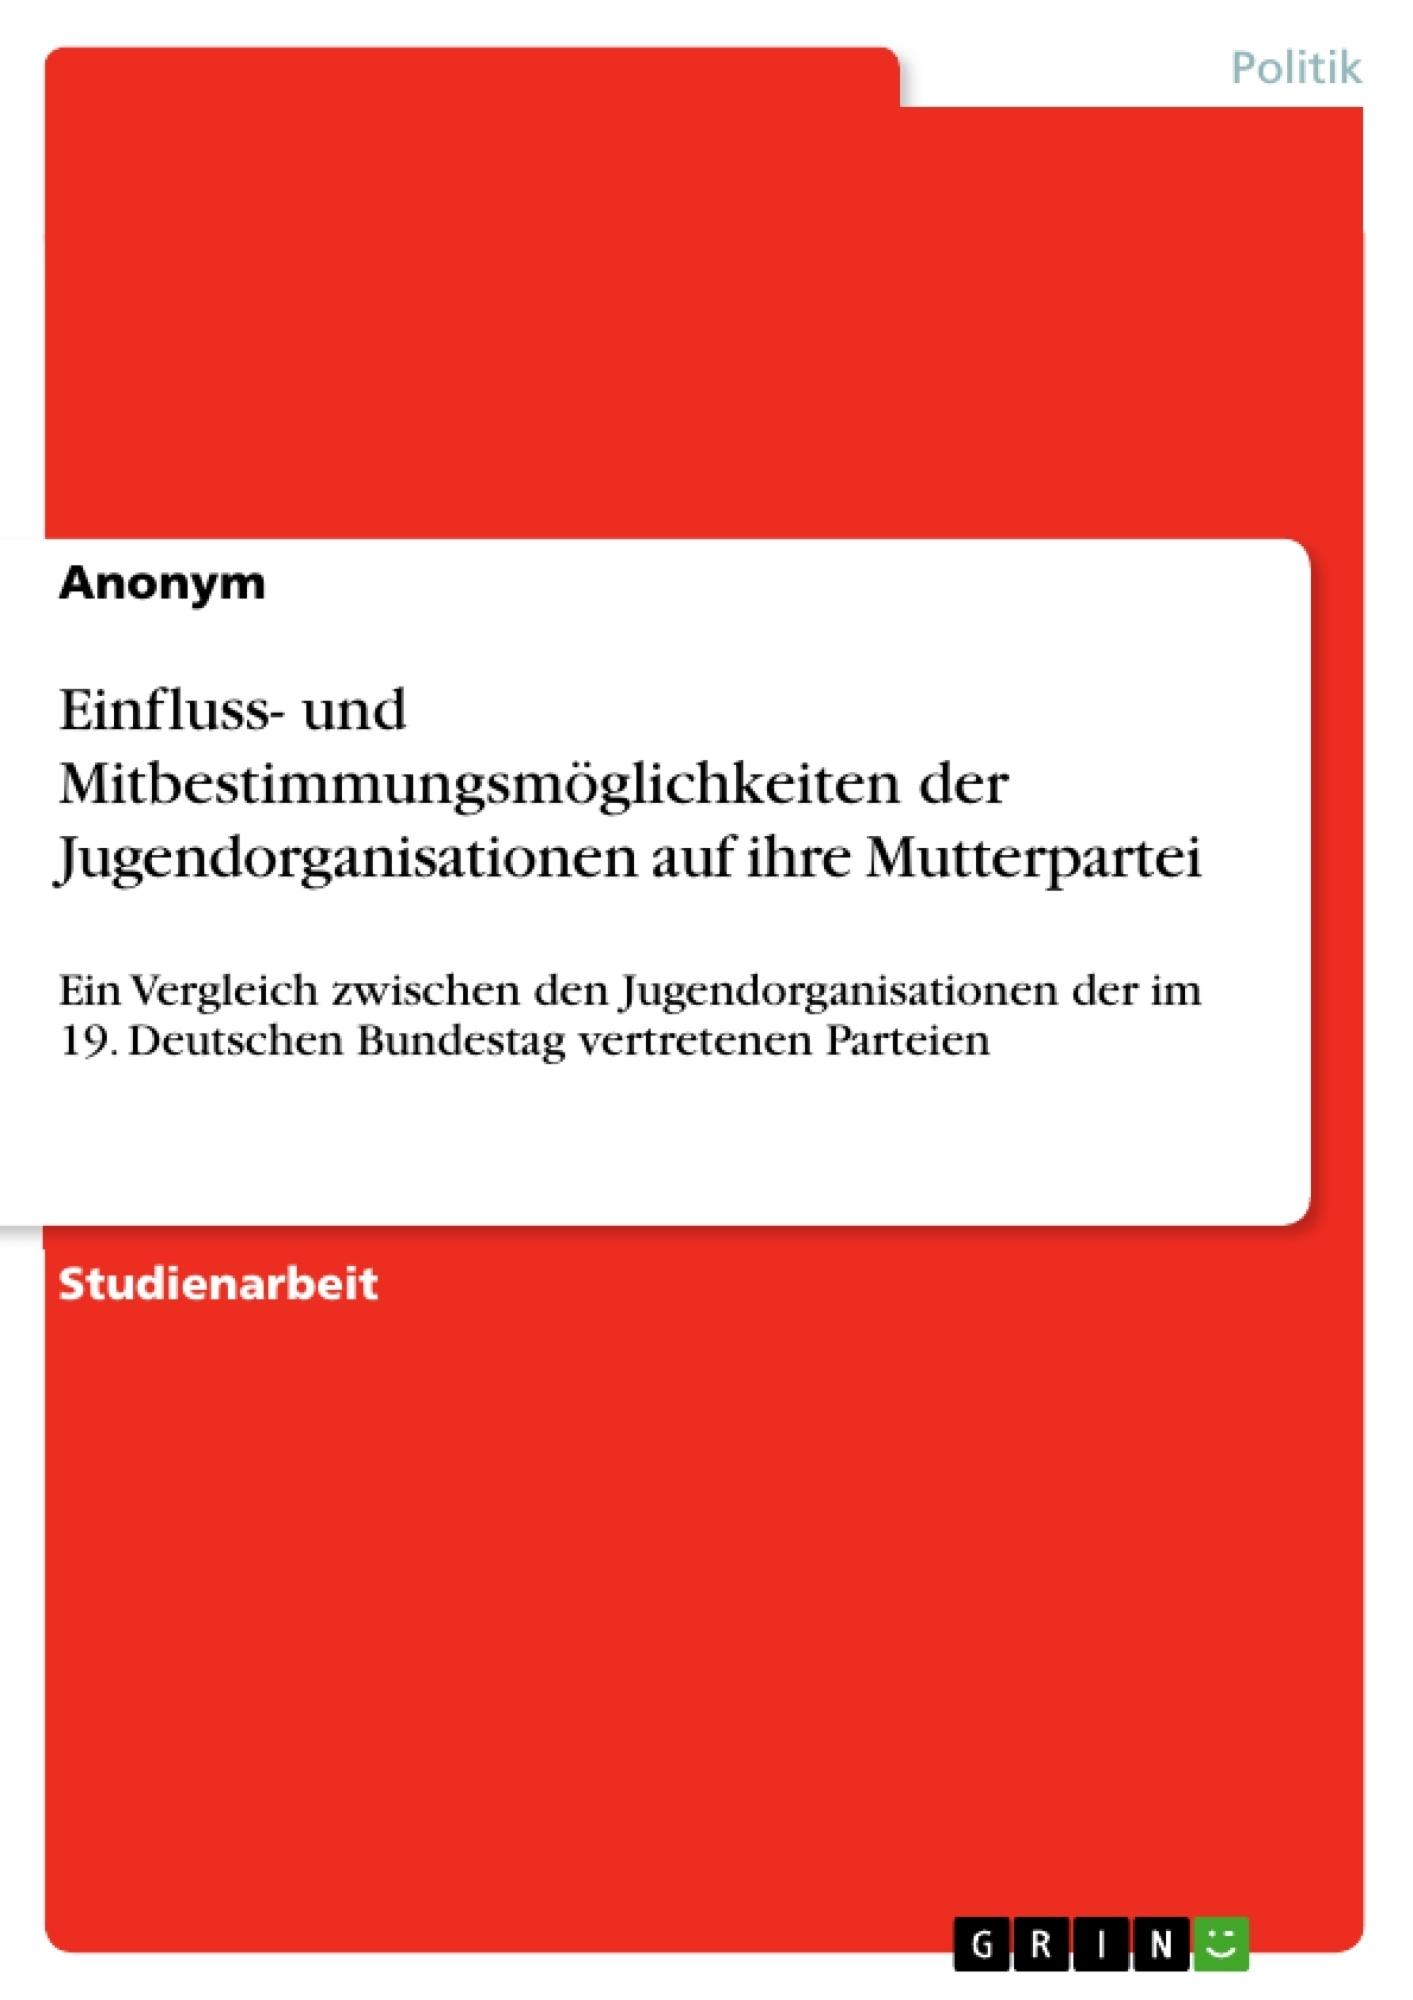 Titel: Einfluss- und Mitbestimmungsmöglichkeiten der Jugendorganisationen auf ihre Mutterpartei